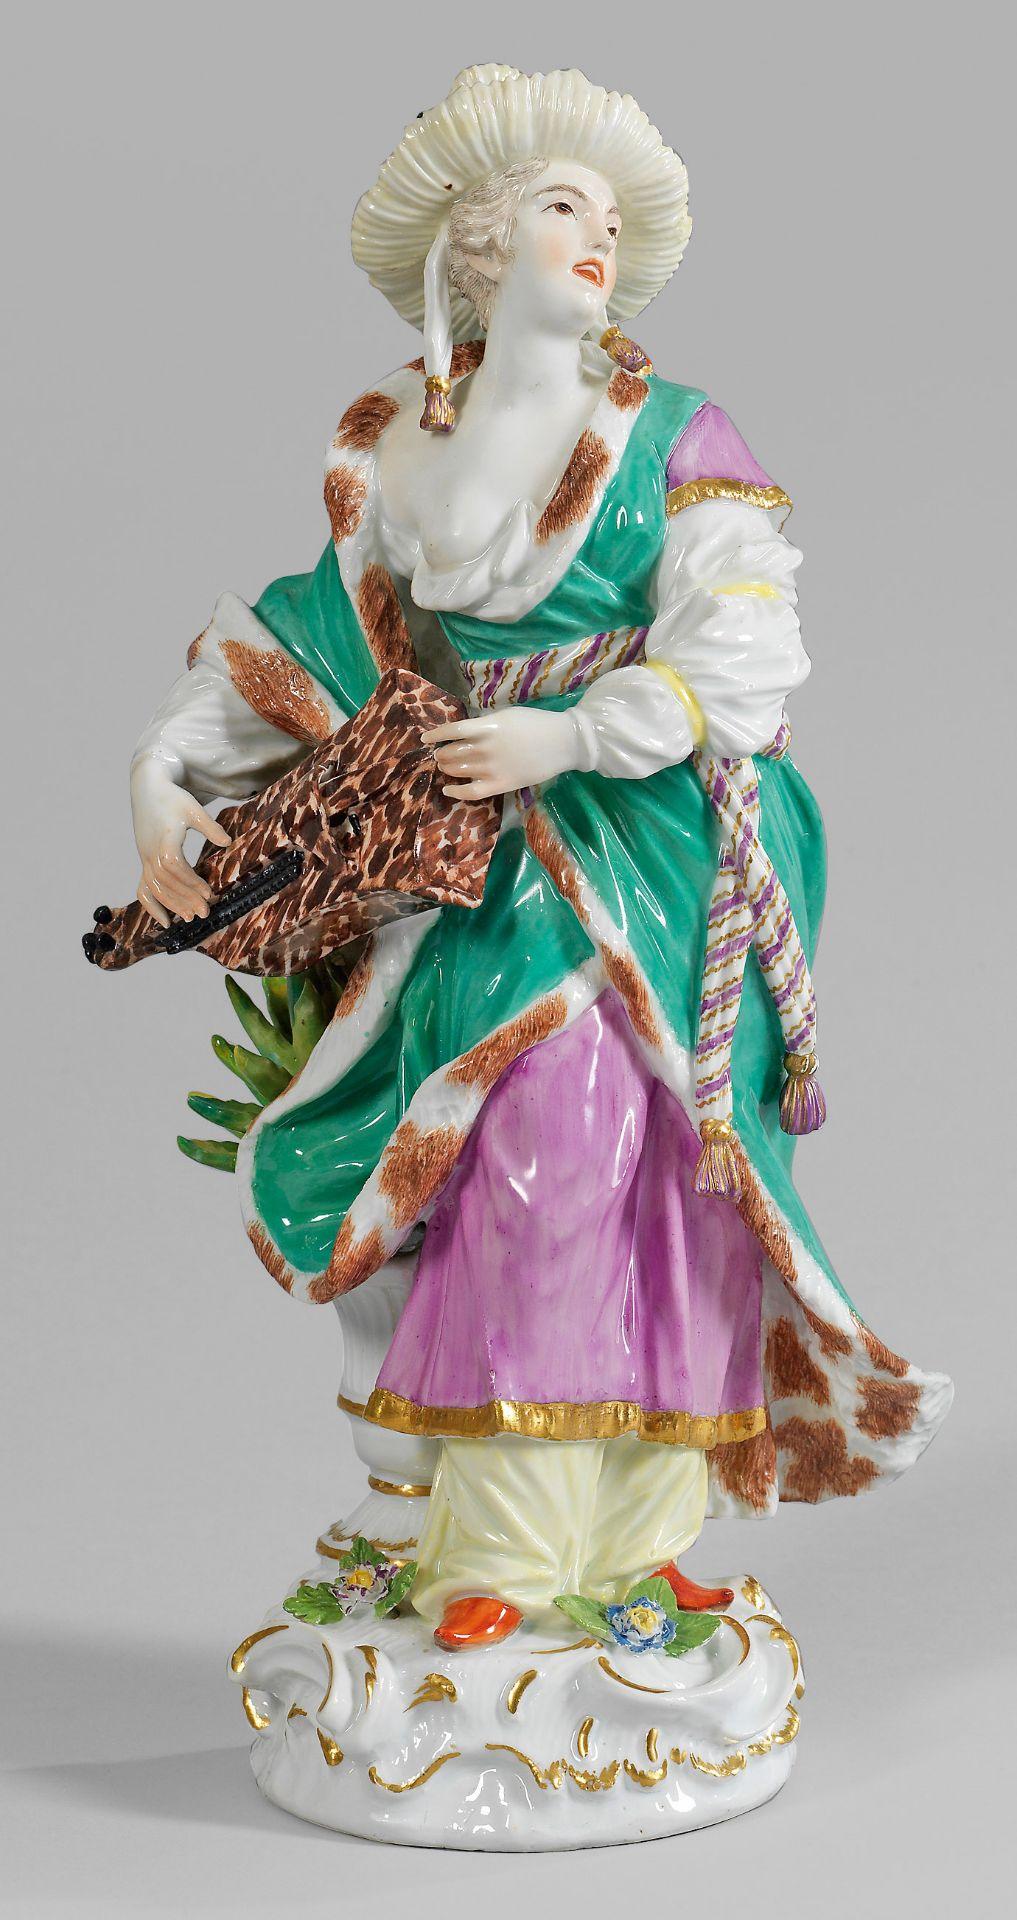 Große Figur einer musizierenden Malabarin